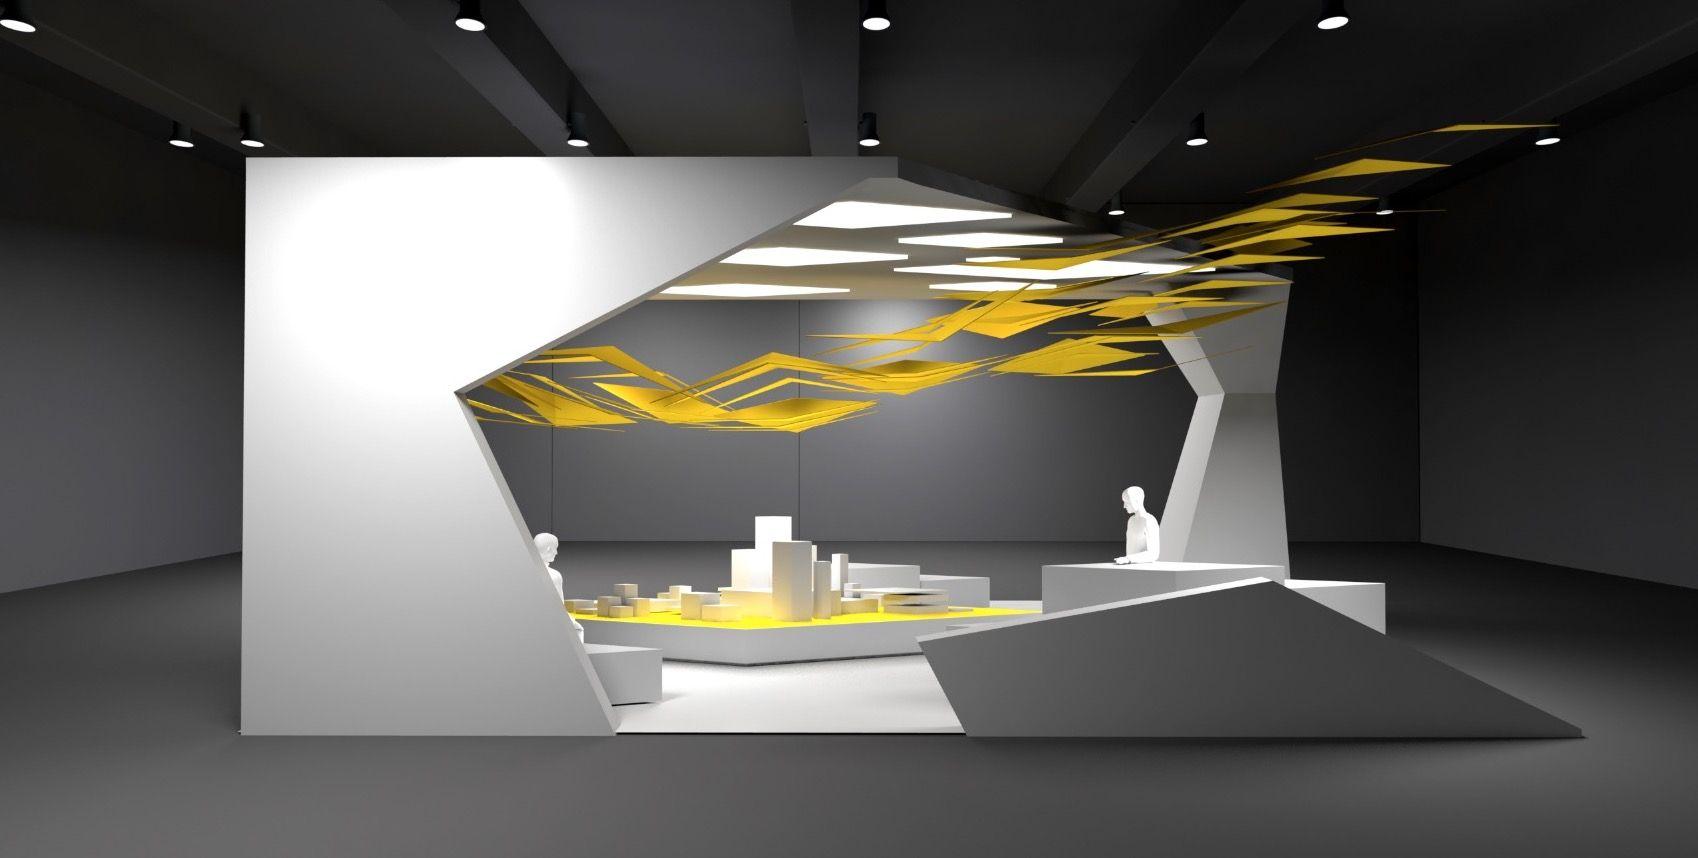 Conception et design de stand pour aximum design espace design stand v nementiel design for Conception stand de foire